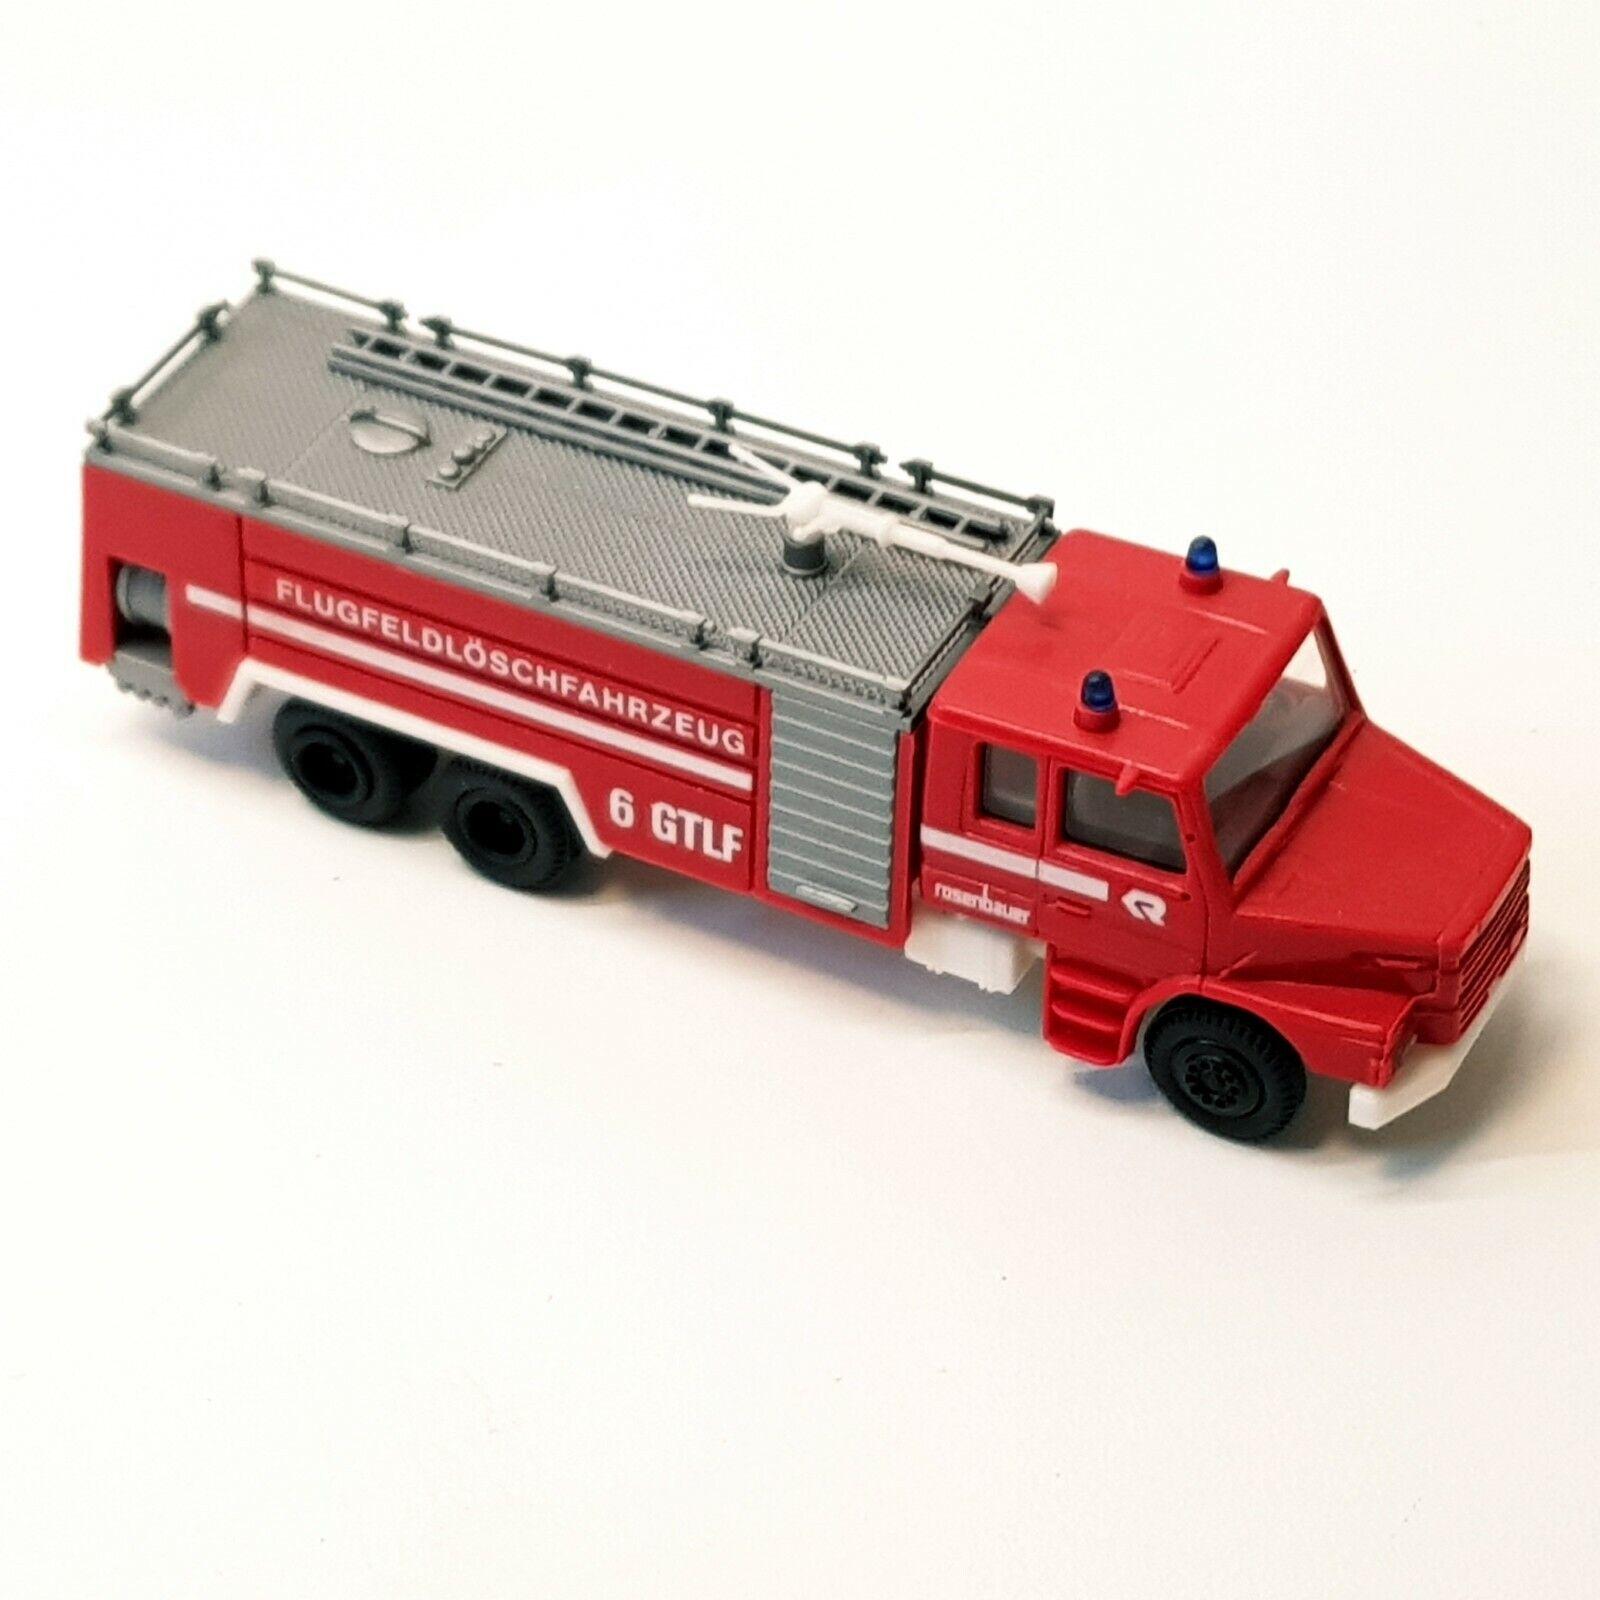 GTLF Material Gus D462 Feuerwehr Aufbau ZLF Hersteller unbekannt 1:87